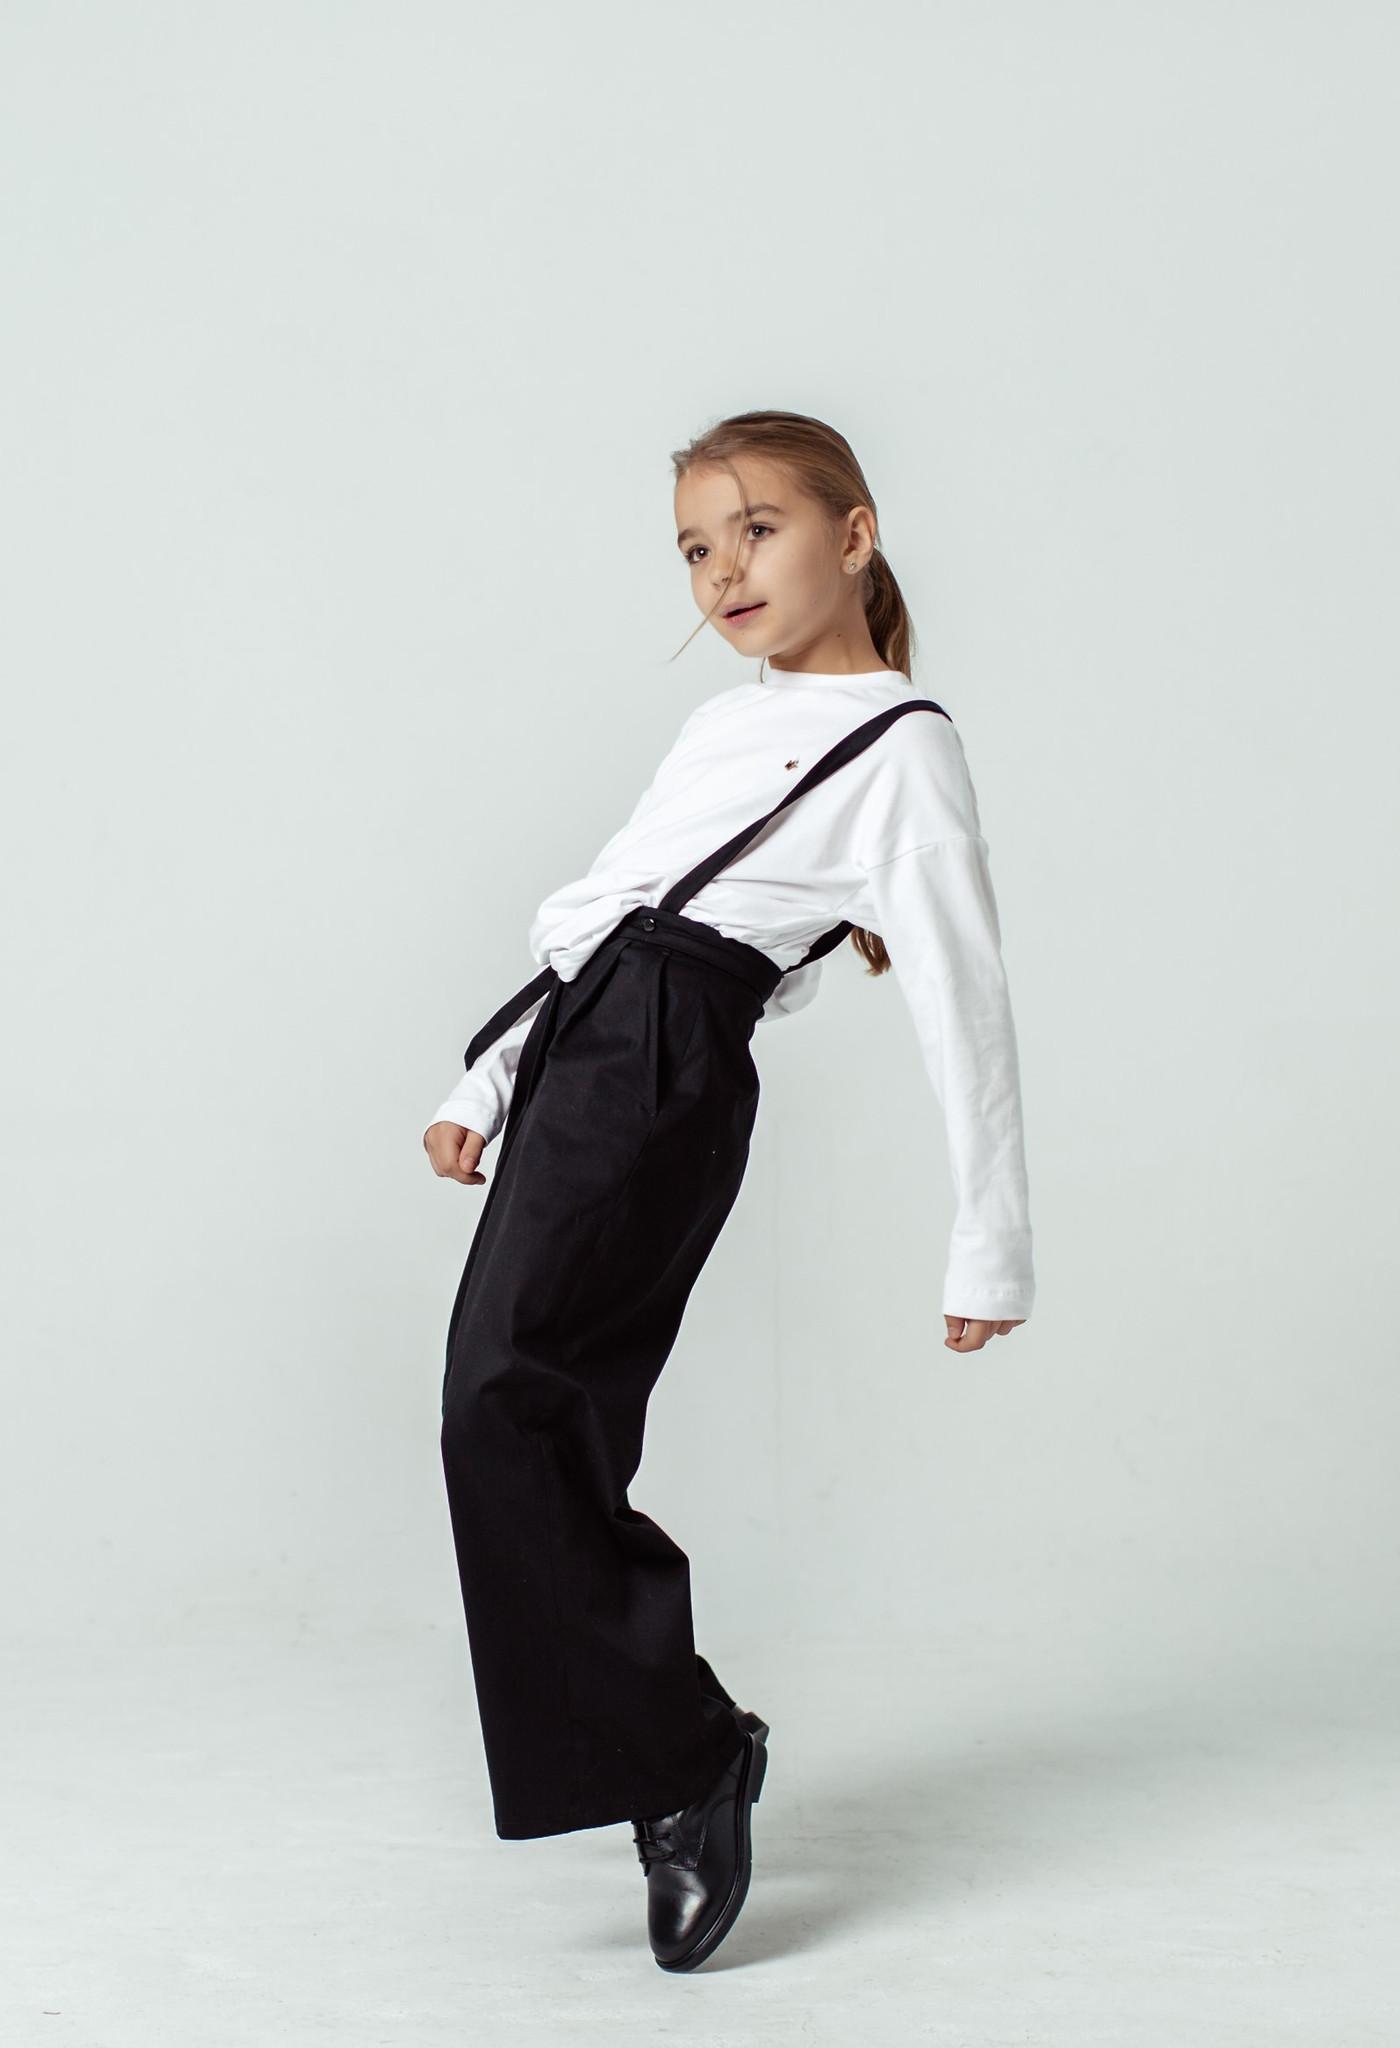 Spodnie na szelkach bawełna czarny - Domino.little.dress | JestemSlow.pl